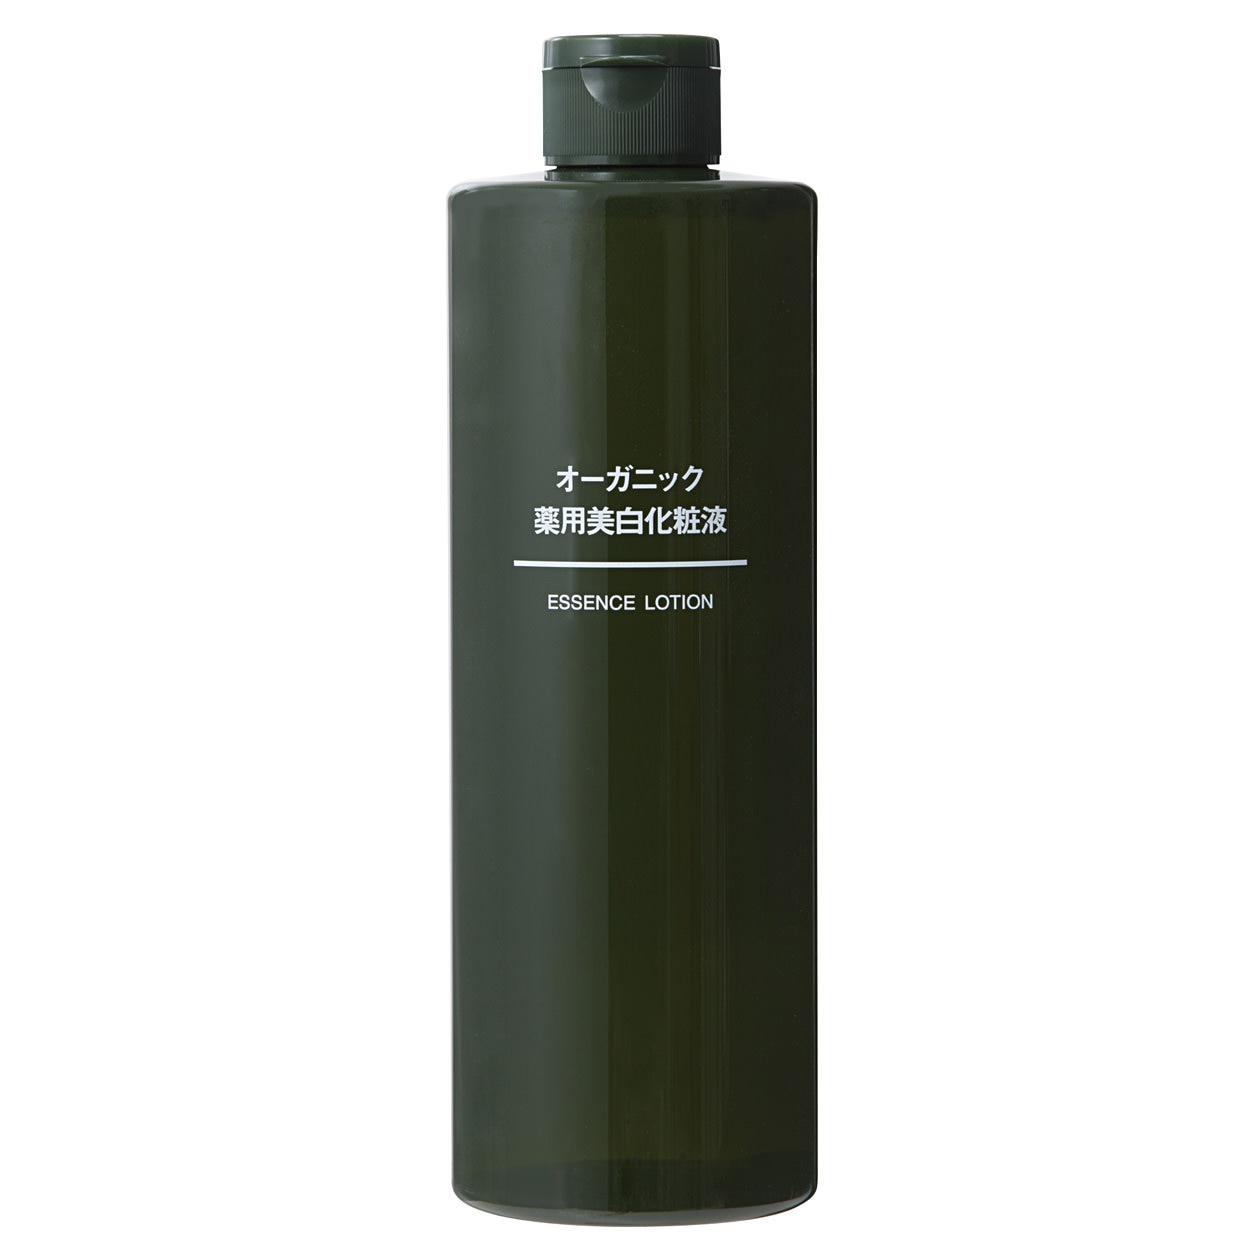 オーガニック薬用美白化粧液(大容量)